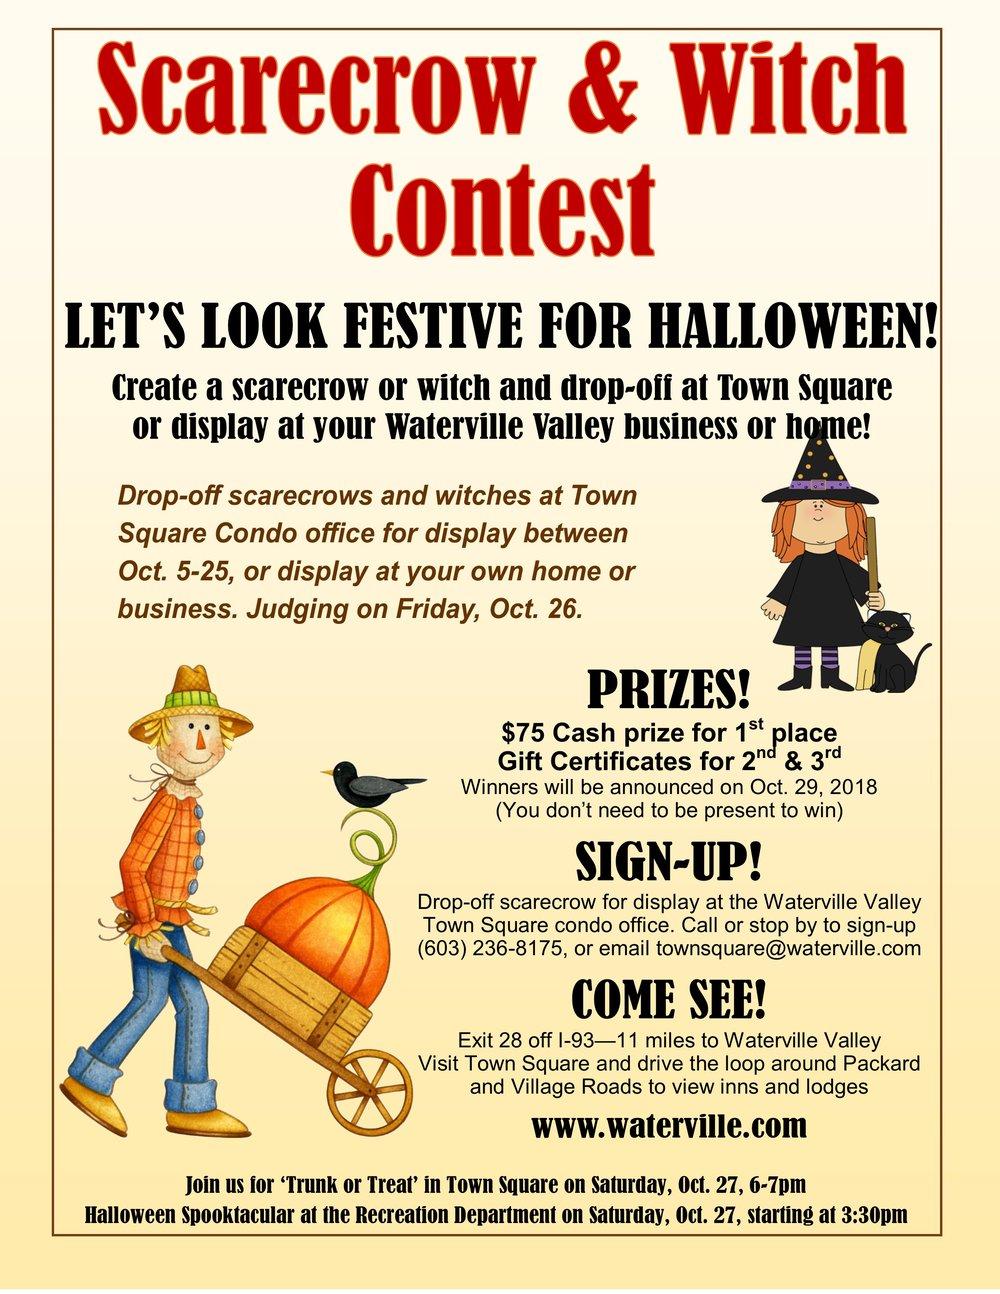 scarecrow contest 2018.jpg